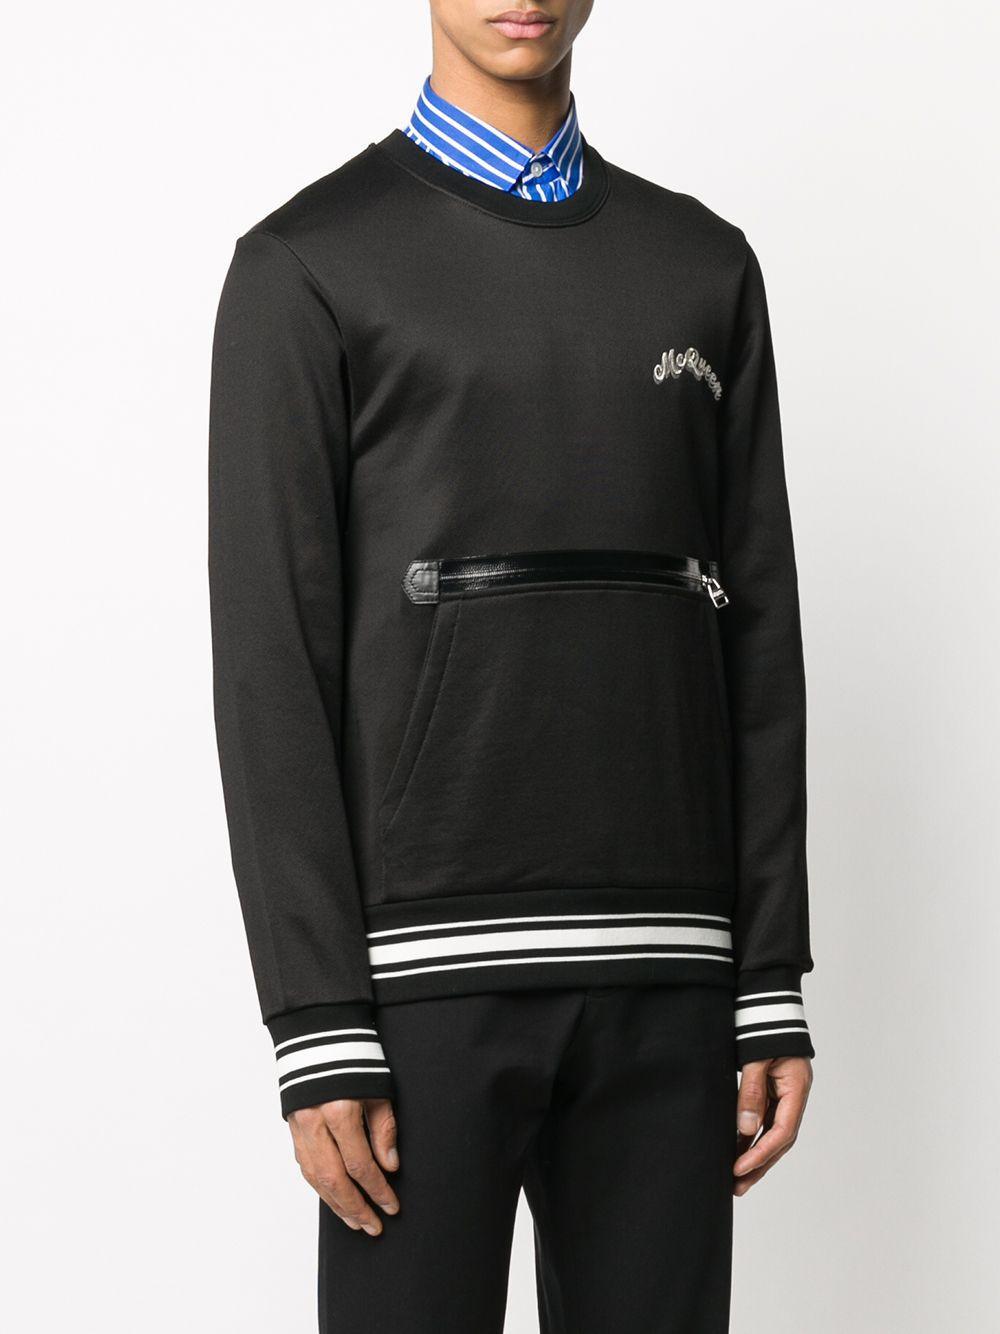 Alexander McQueen Katoen Sweater Met Ritszak in het Zwart voor heren